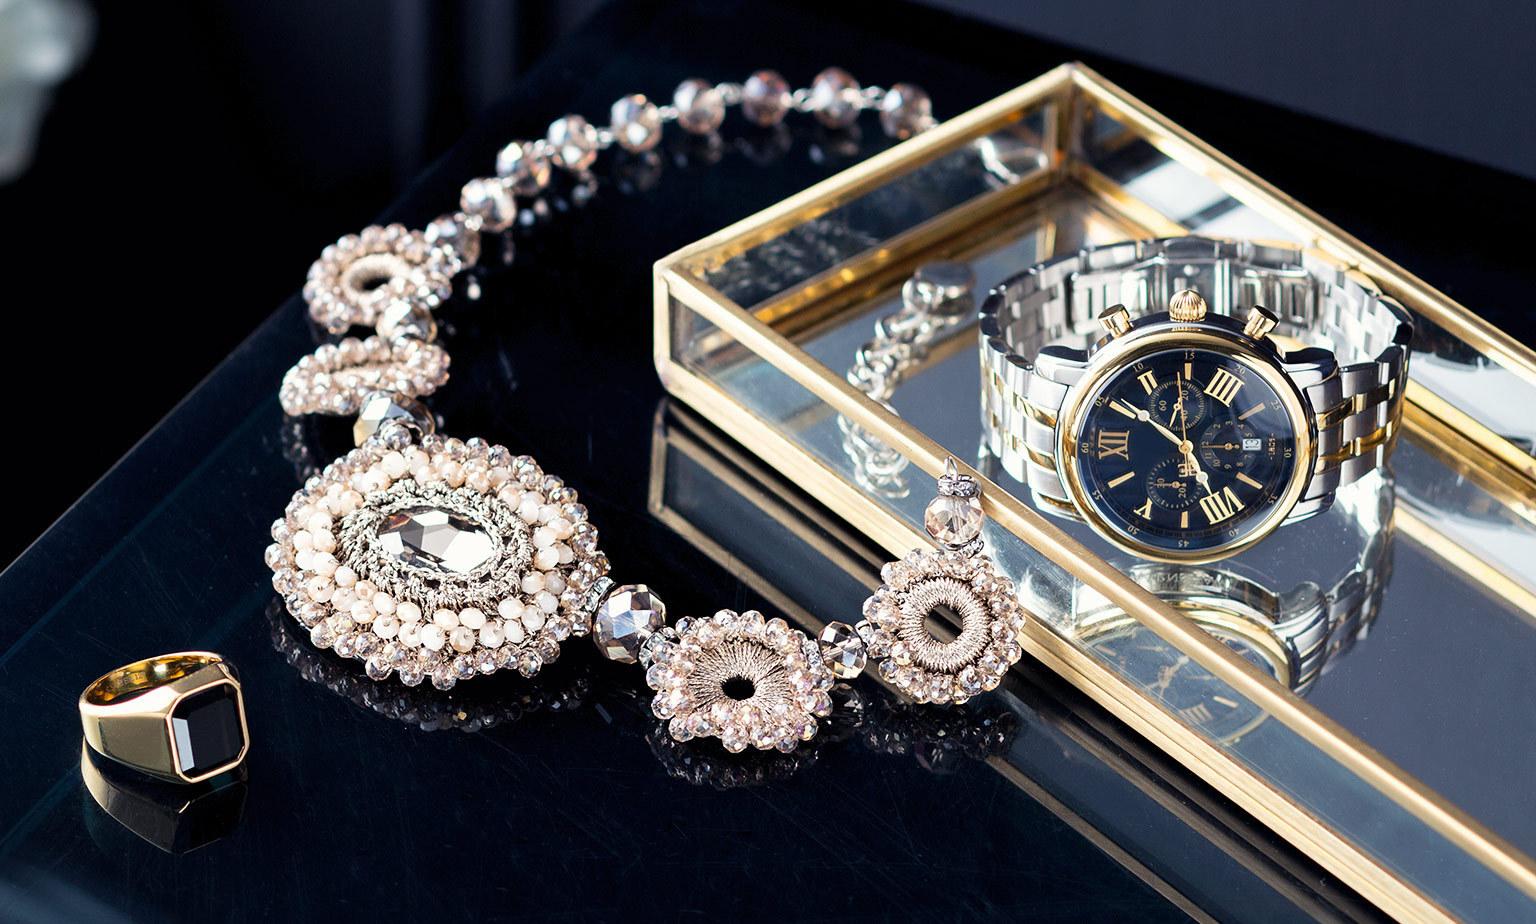 Vintage-Uhren & Schmuck - Jetzt shoppen